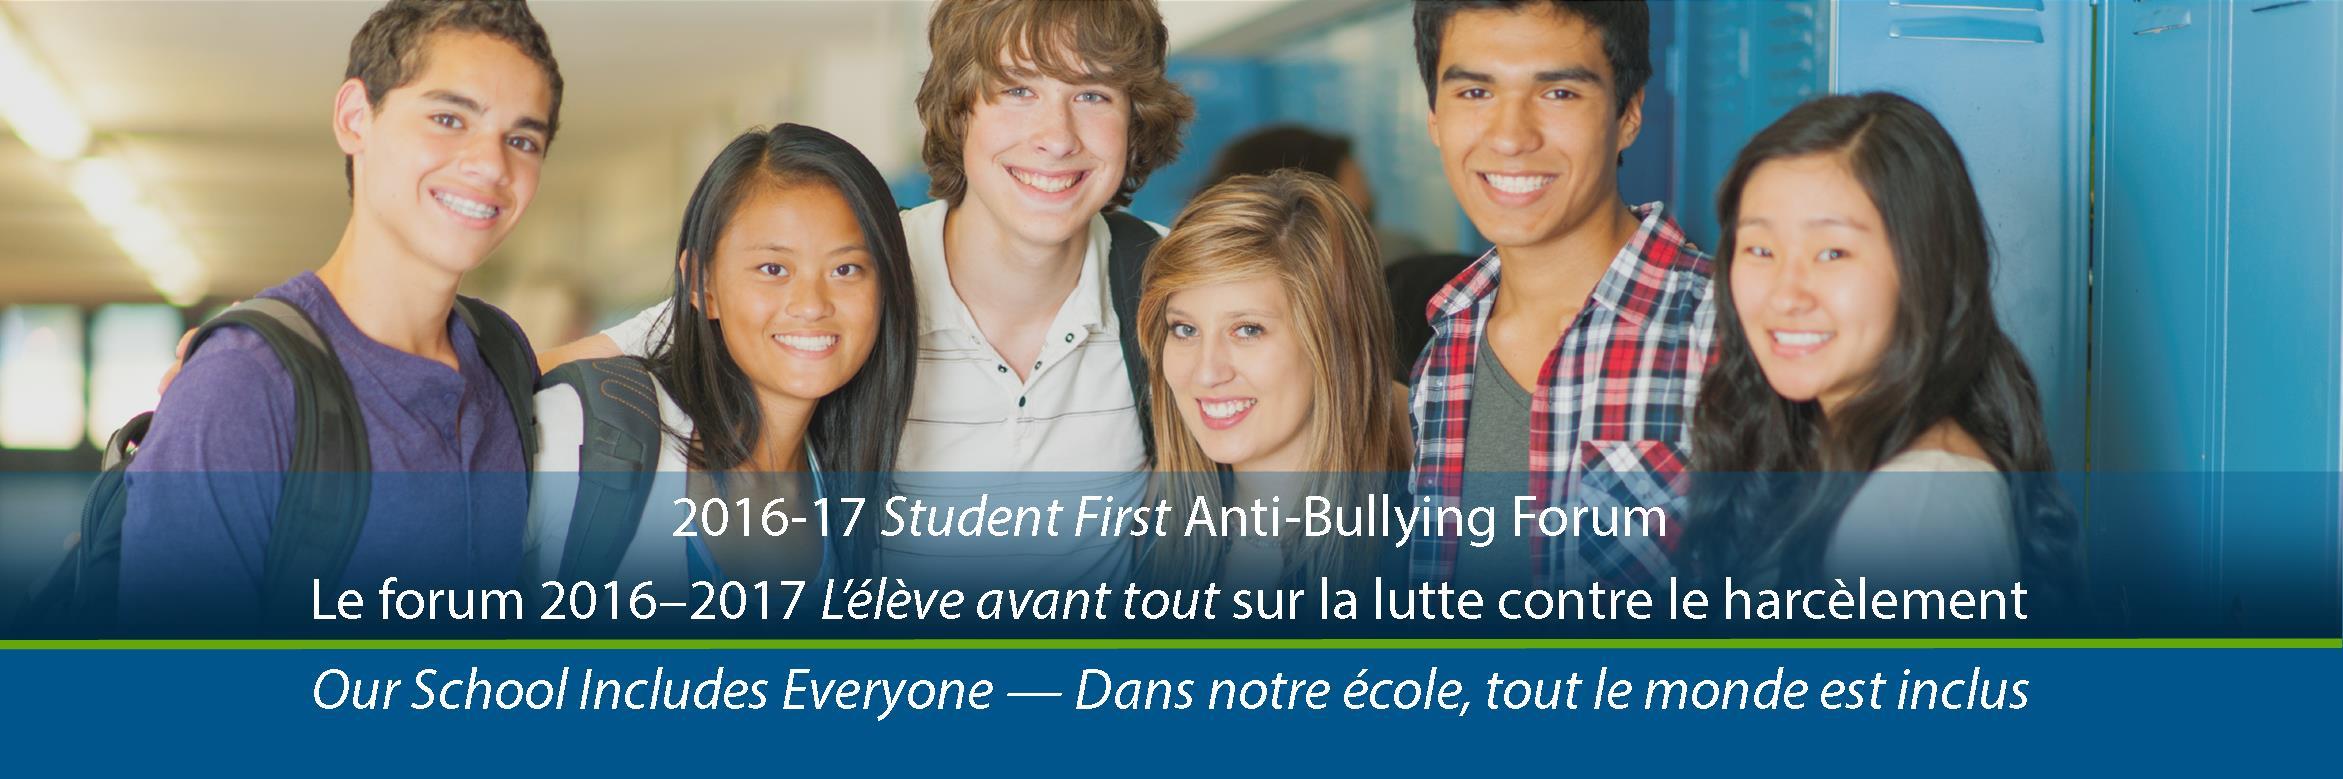 2016-17 Student First Anti-Bullying Forum - Le forum 2016-2017 L'élève avant tout sur la lutte contre le harcèlement